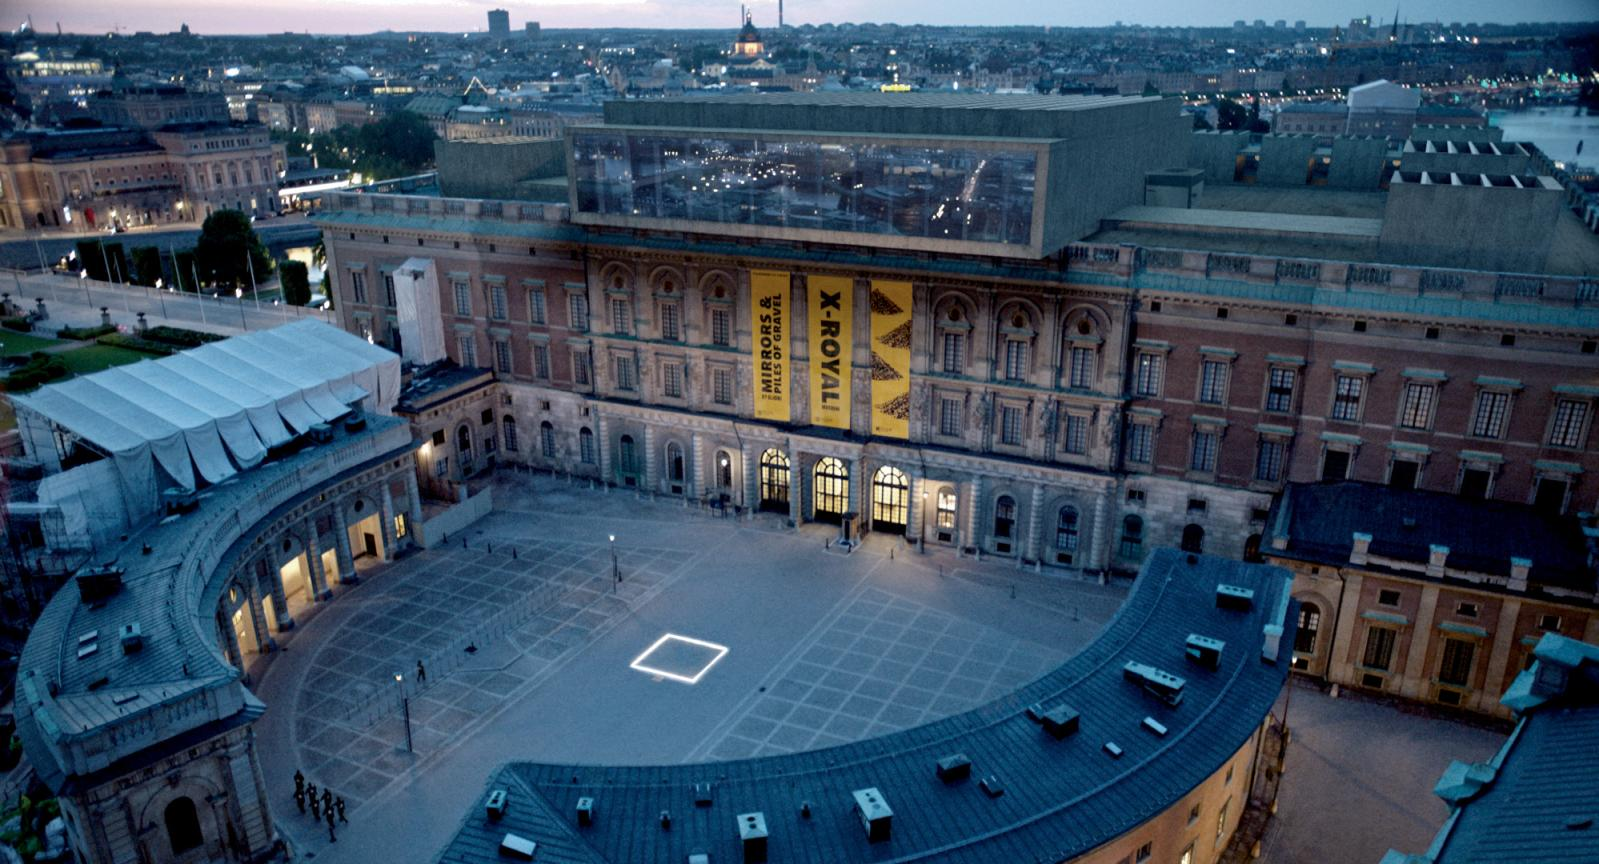 Le musée d'art contemporain X-Royal qui apparaît dans le film est en réalité le Palais Royal de Stockholm, rehaussé à la palette graphique. ©Fredrik